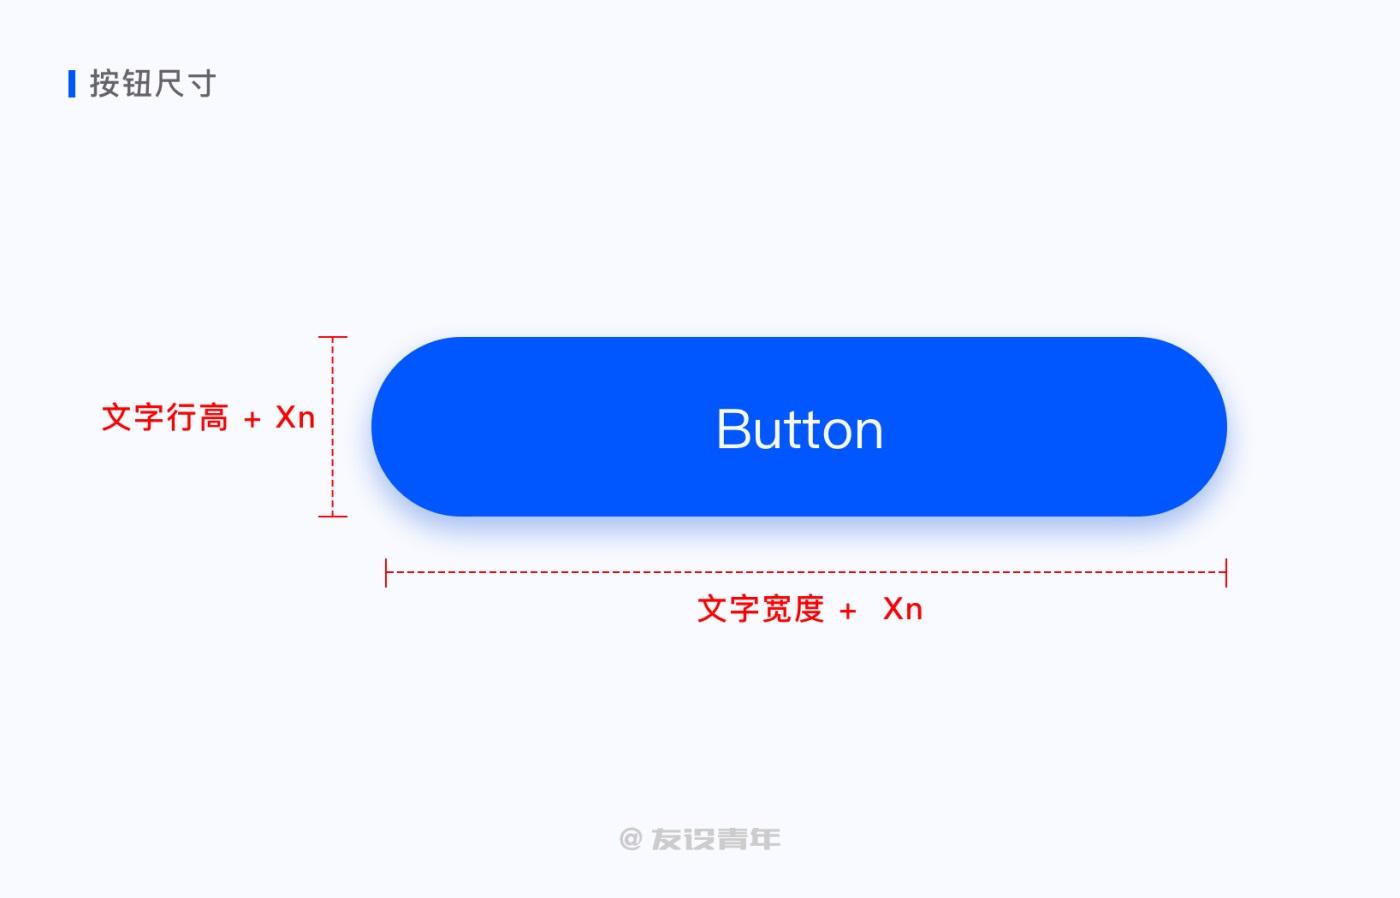 超多细节!用一篇文章带你全面了解按钮设计<i></i>